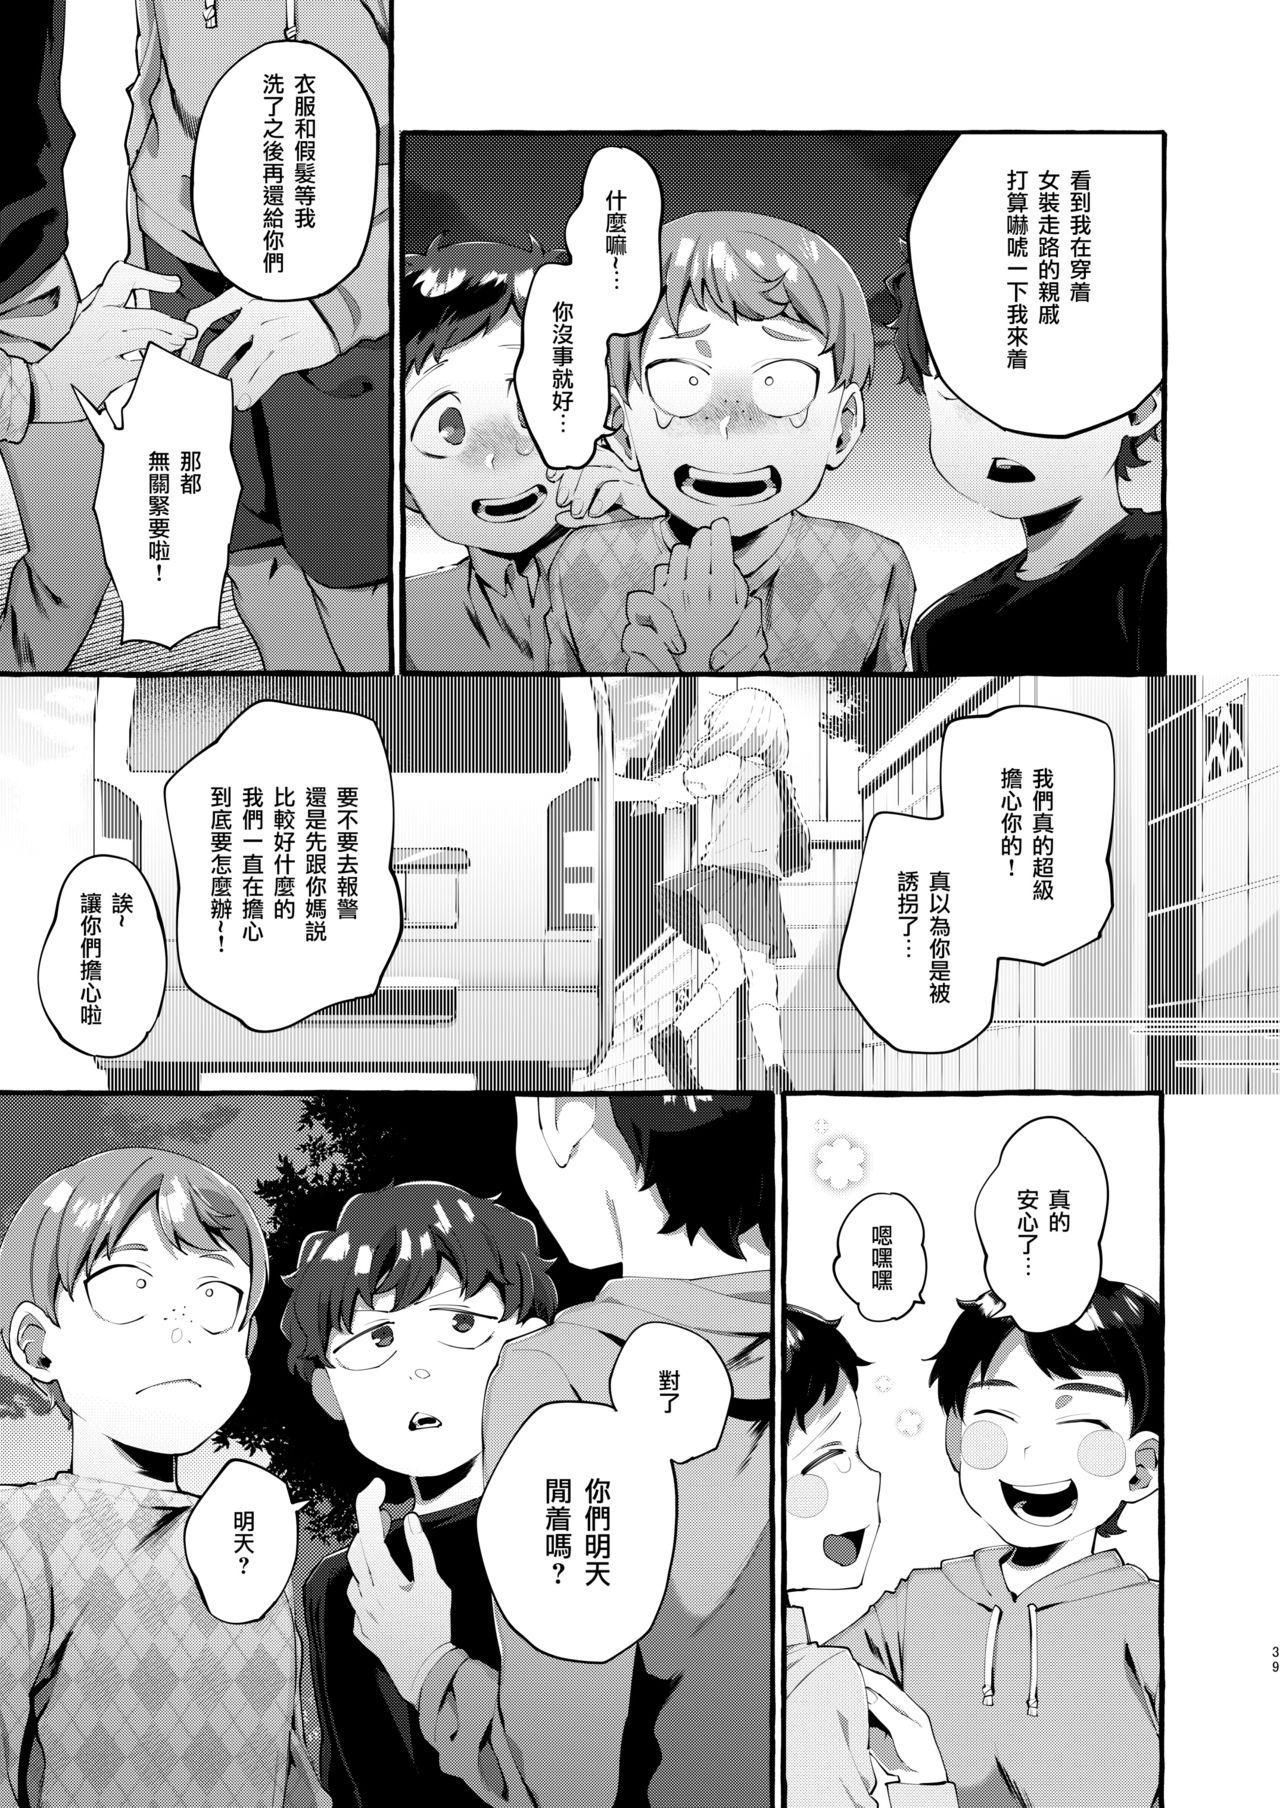 Joshigakusei o Rachi Yuukai Shita to Omottara Otokonoko datta. | 本以为诱拐了女学生却发现是伪娘。 38